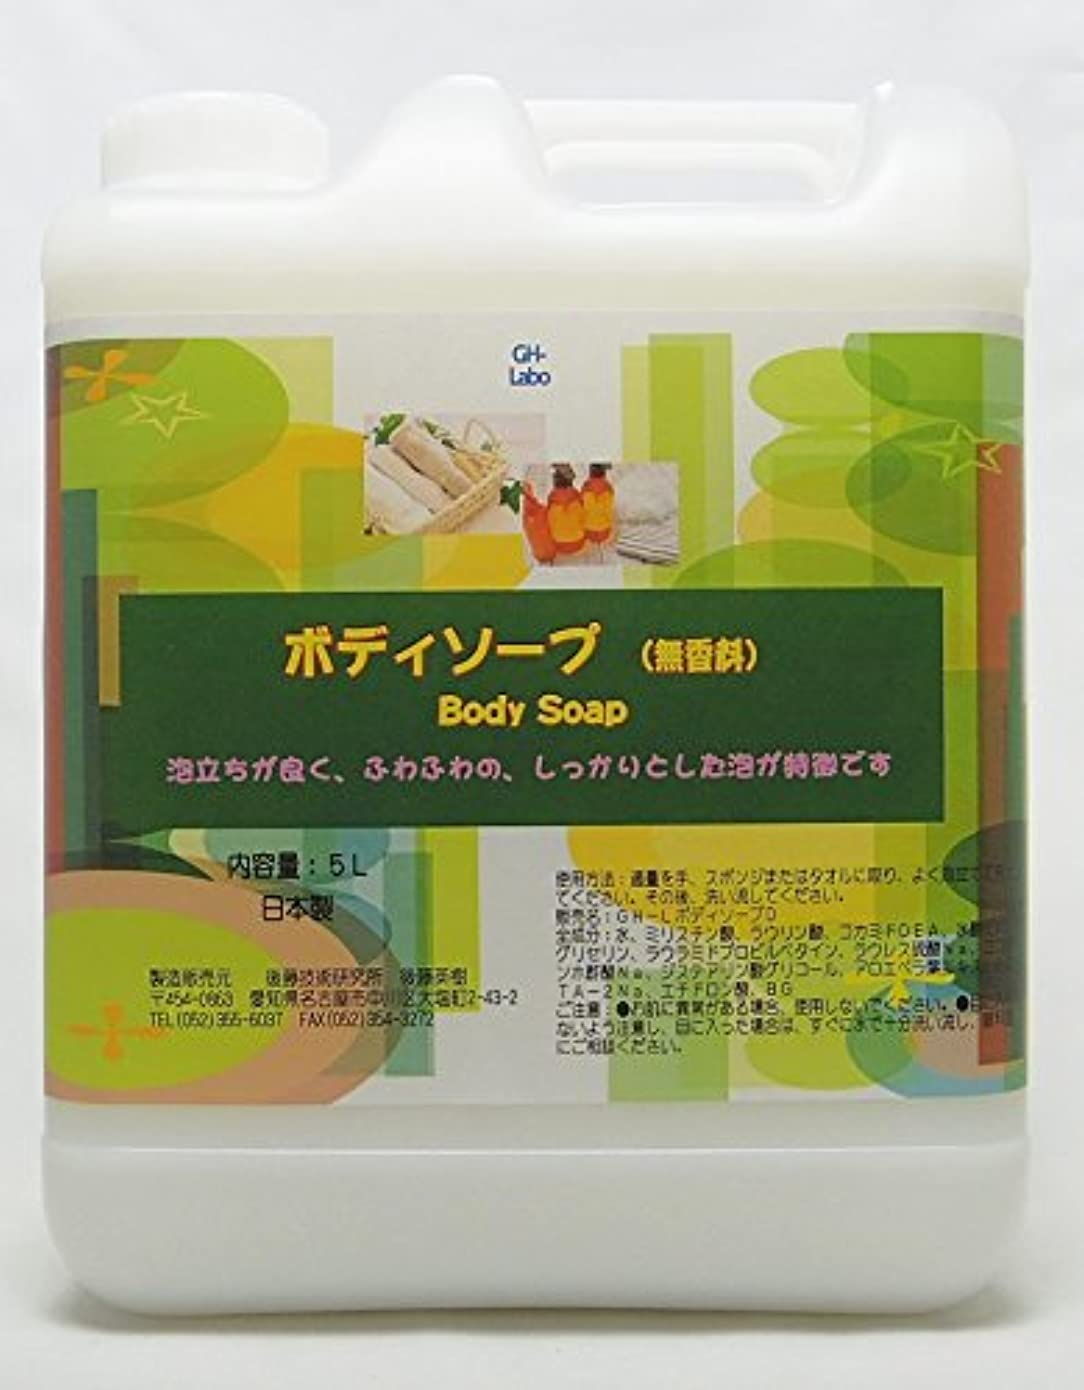 ストラップボア炎上GH-Labo 業務用ボディソープ 無香料 5L